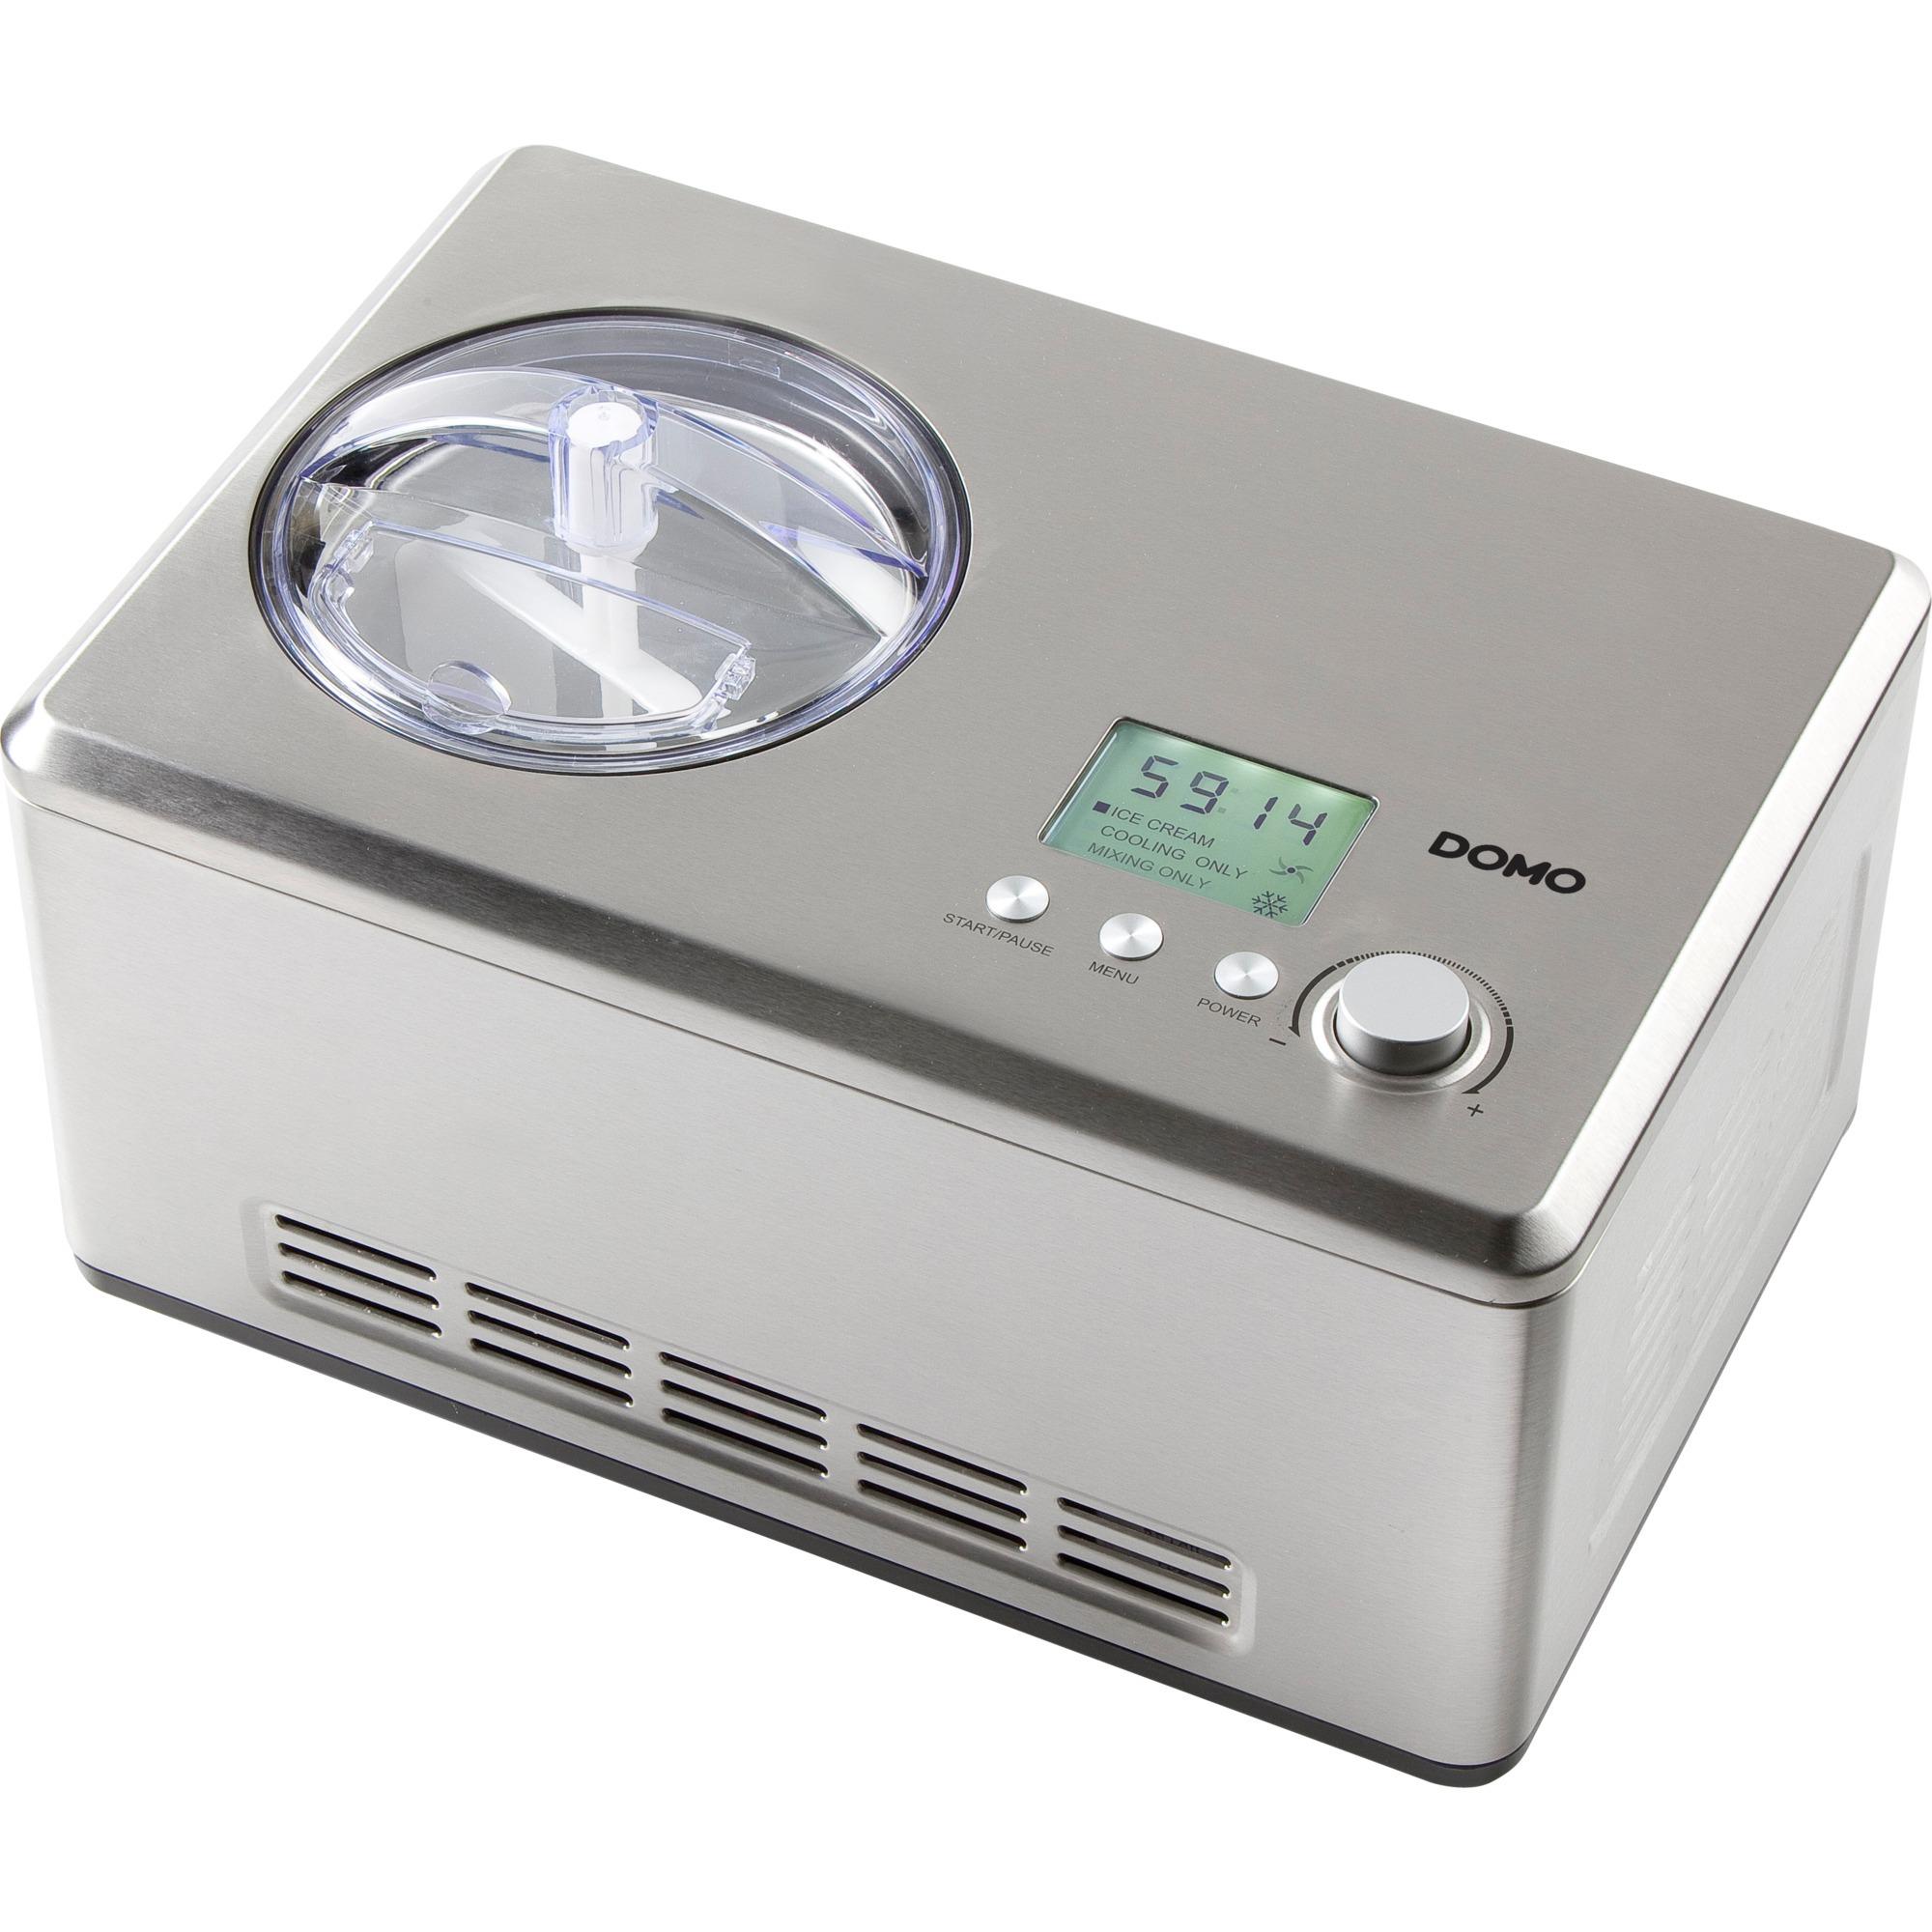 DO9201I máquina para helados Compresor de helados 2 L Acero inoxidable 180 W, Heladera